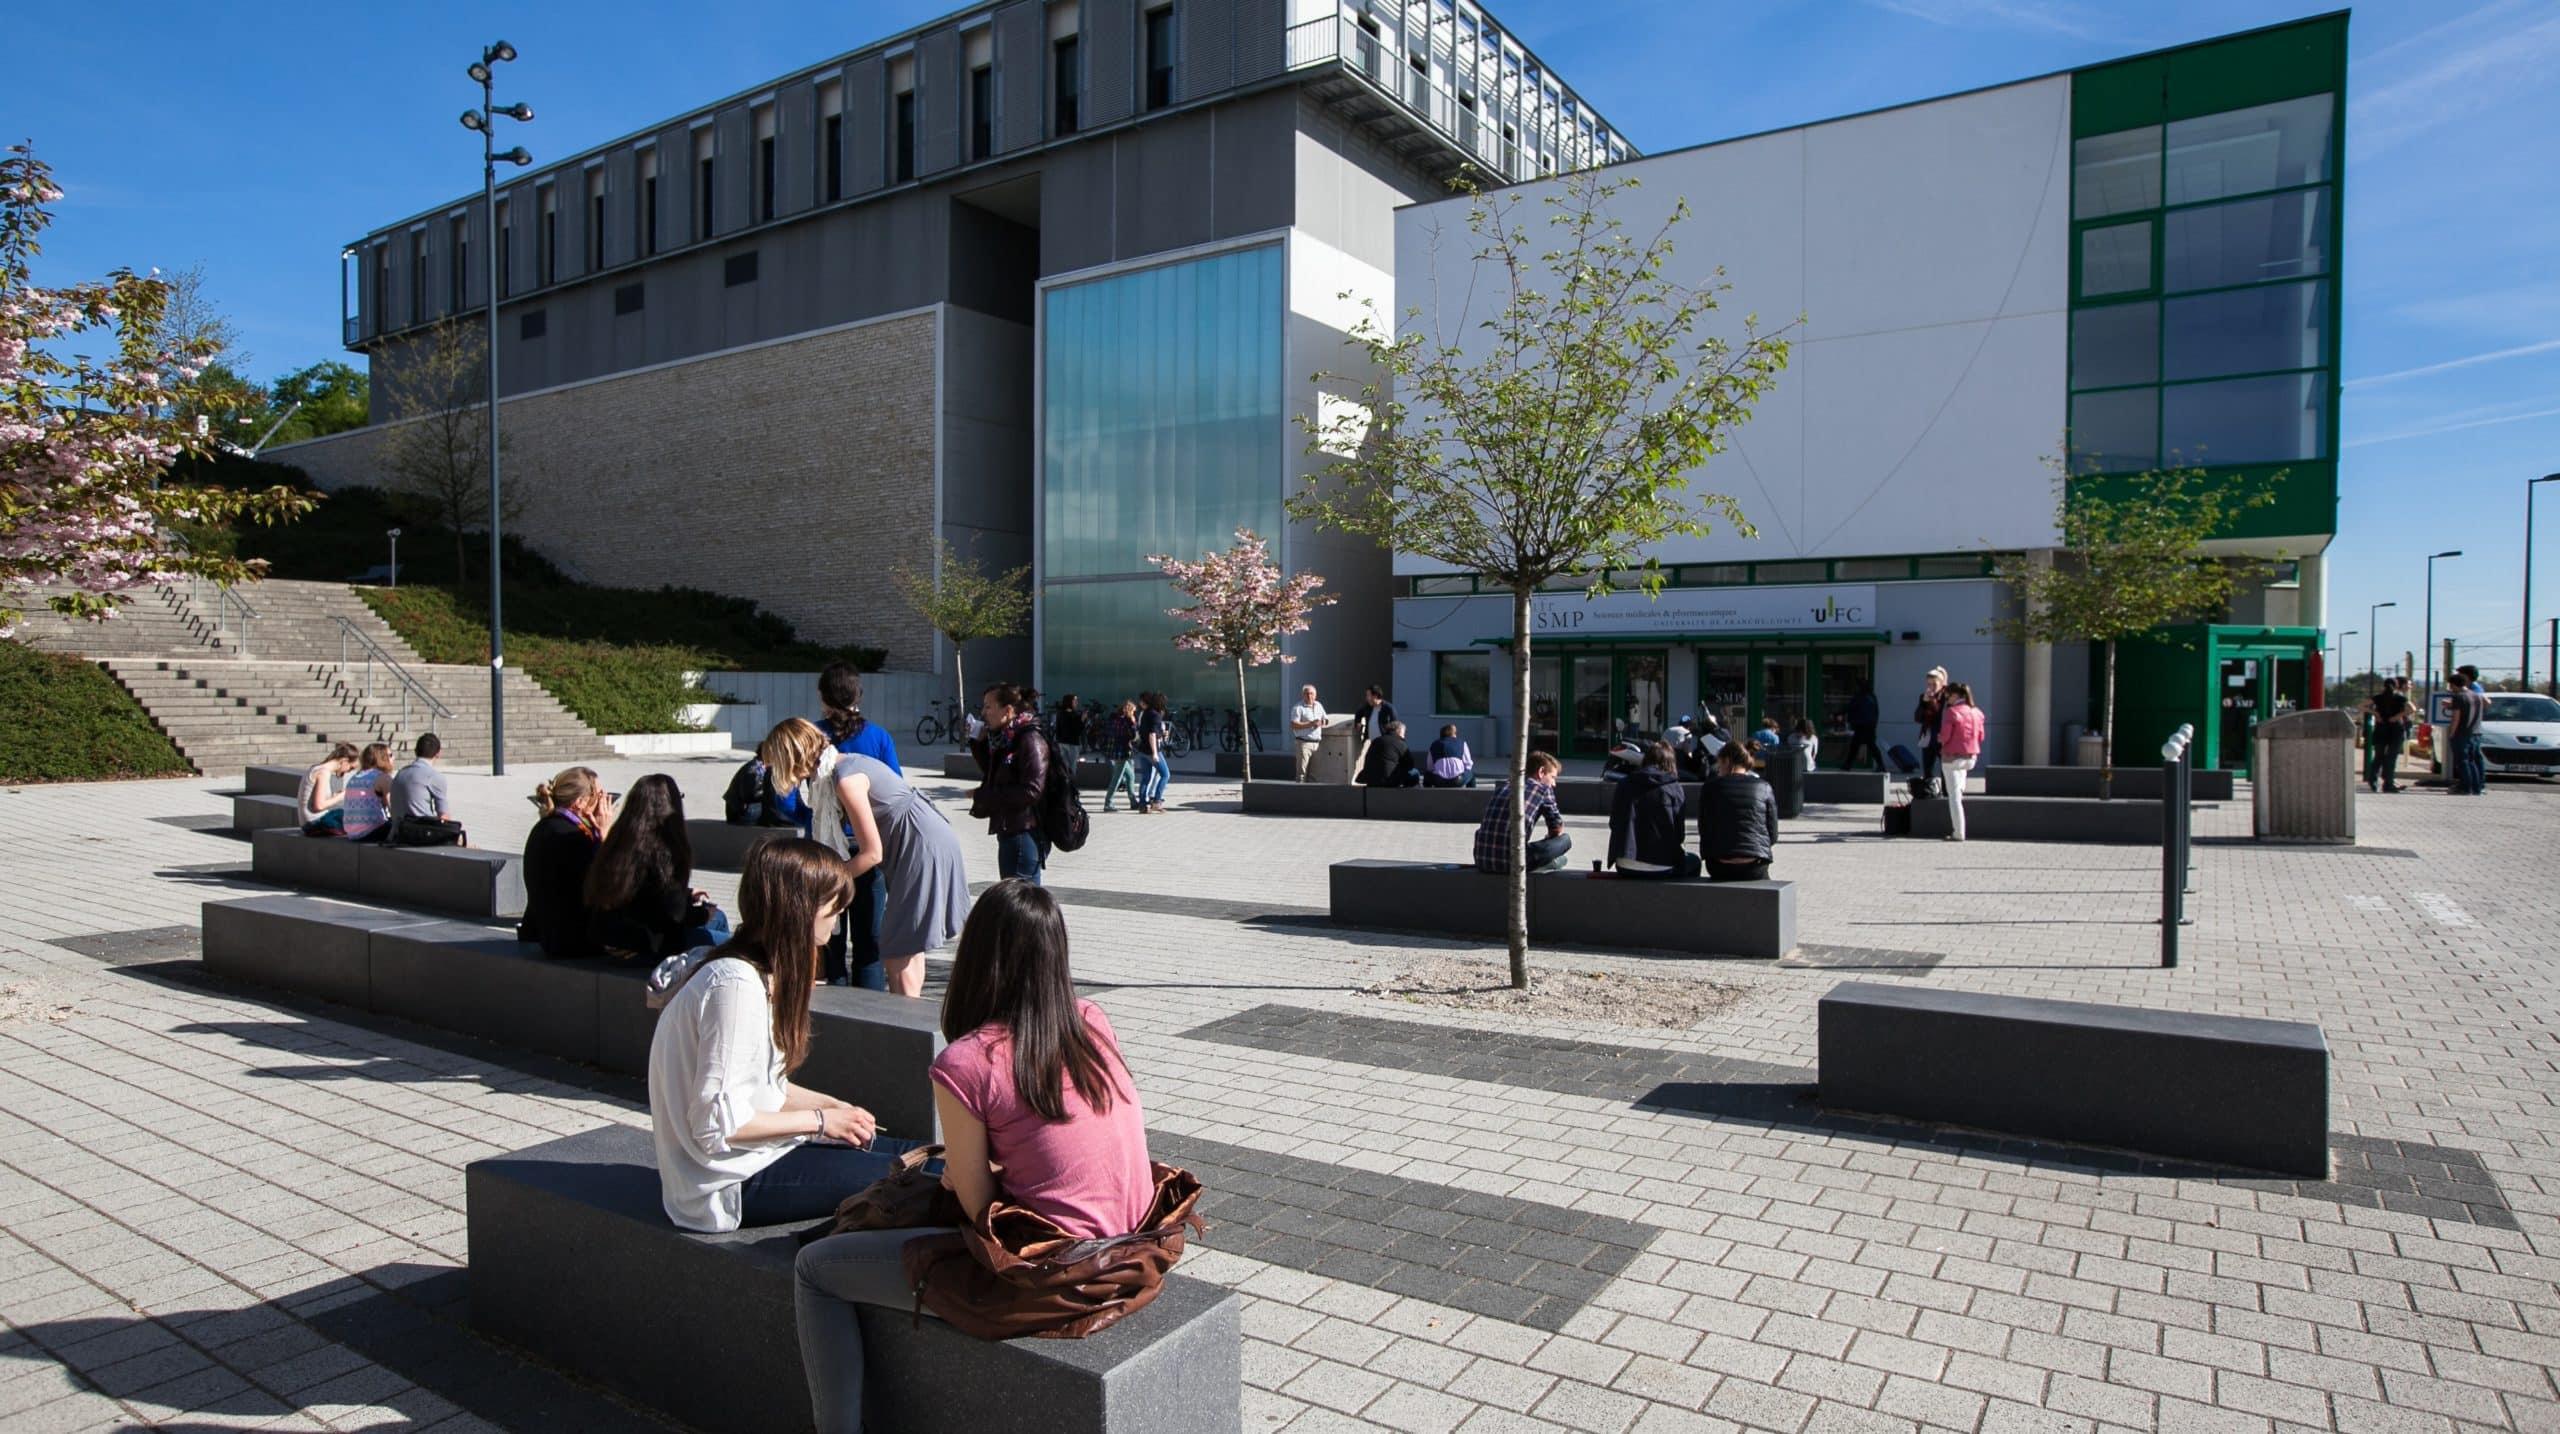 Intégrer la bifurcation écologique dans les programmes universitaires